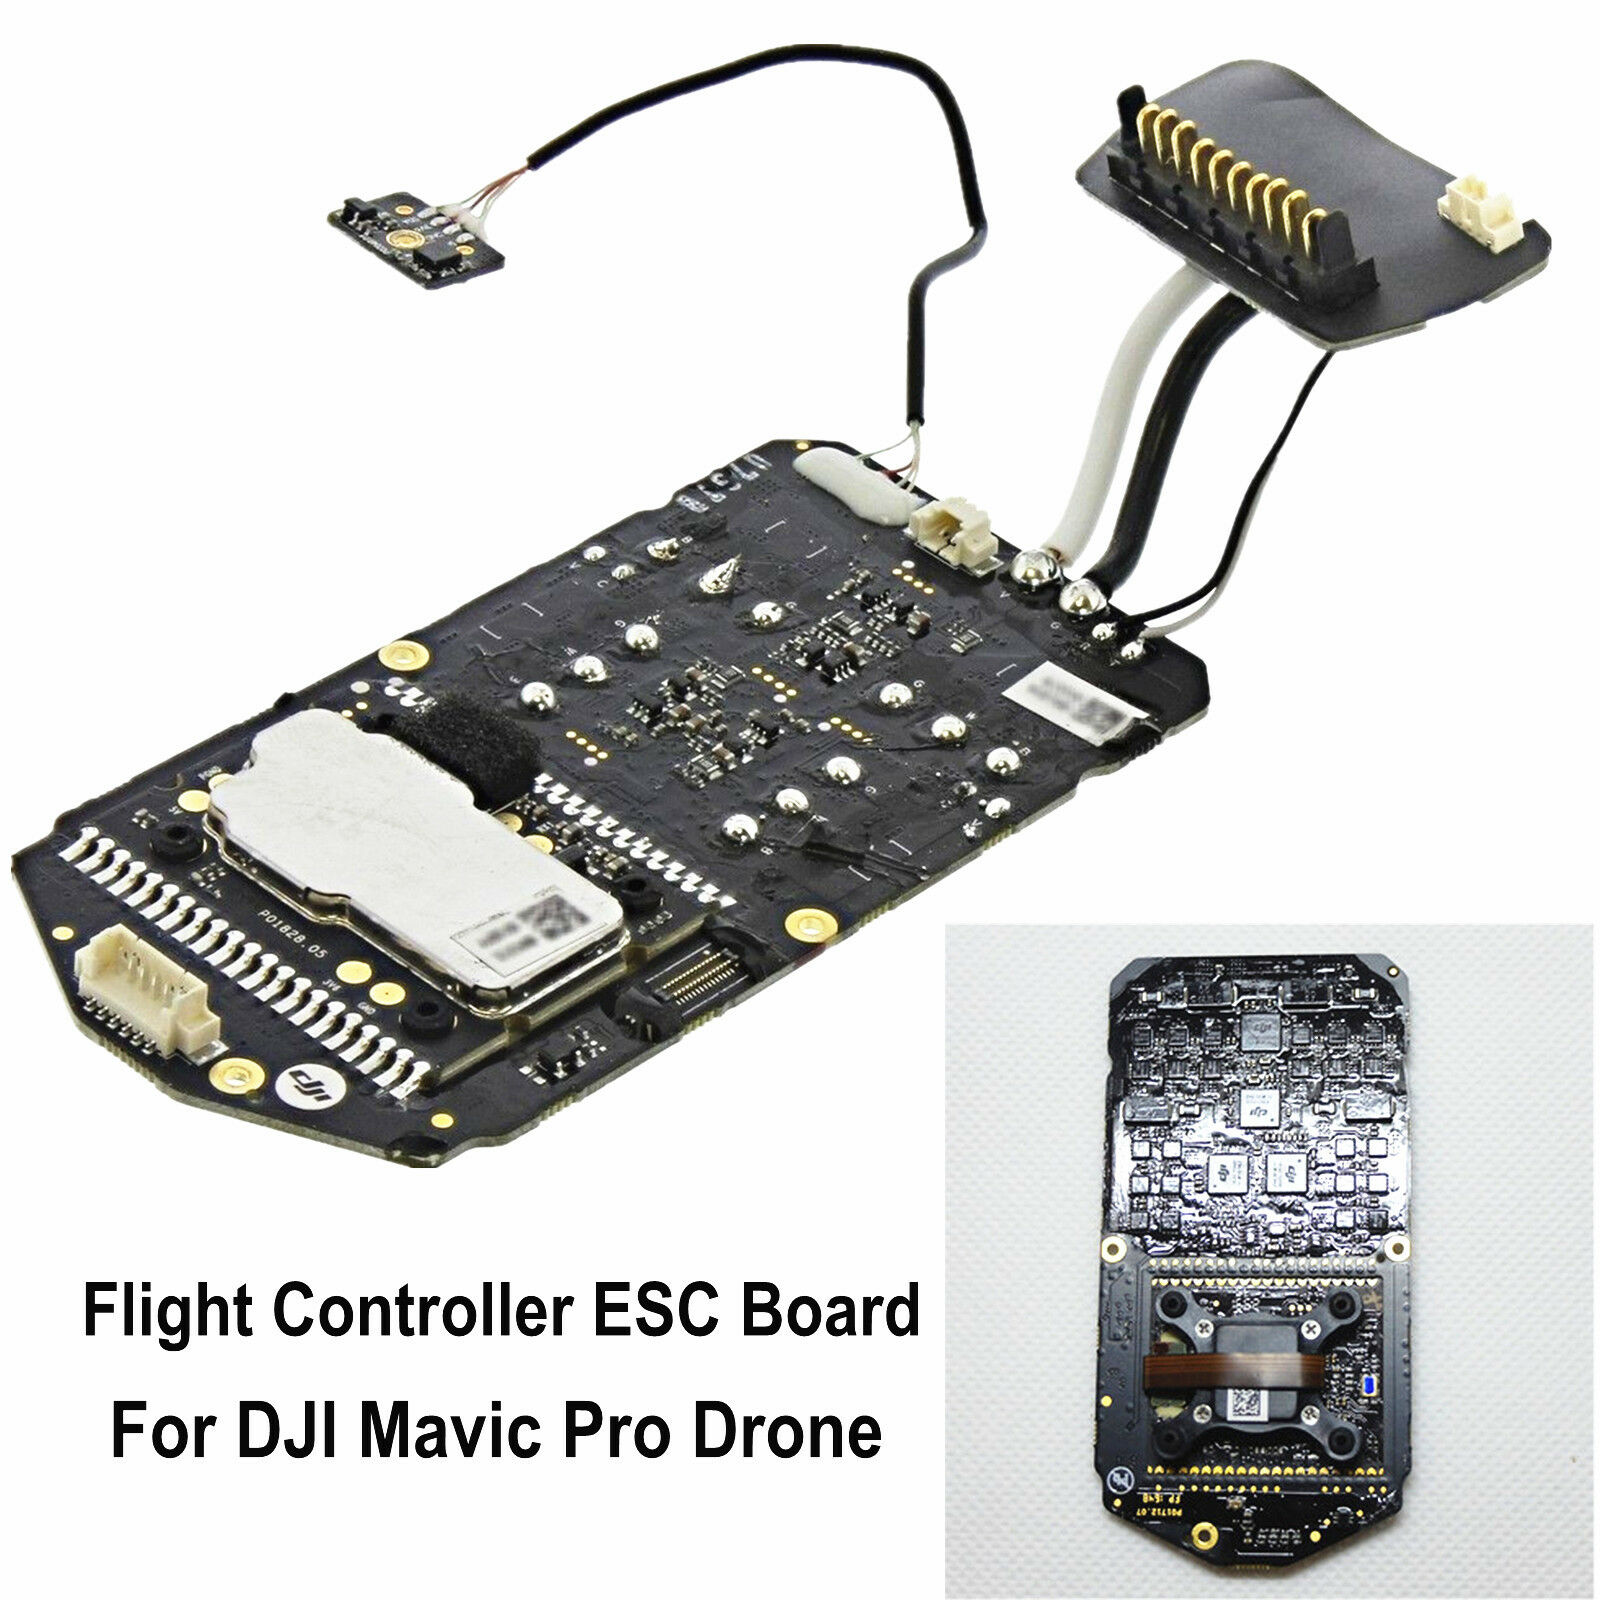 For DJI  Mavic Pro Drone - nuovo volo Controller ESC, energia tavola & Compass  colorways incredibili